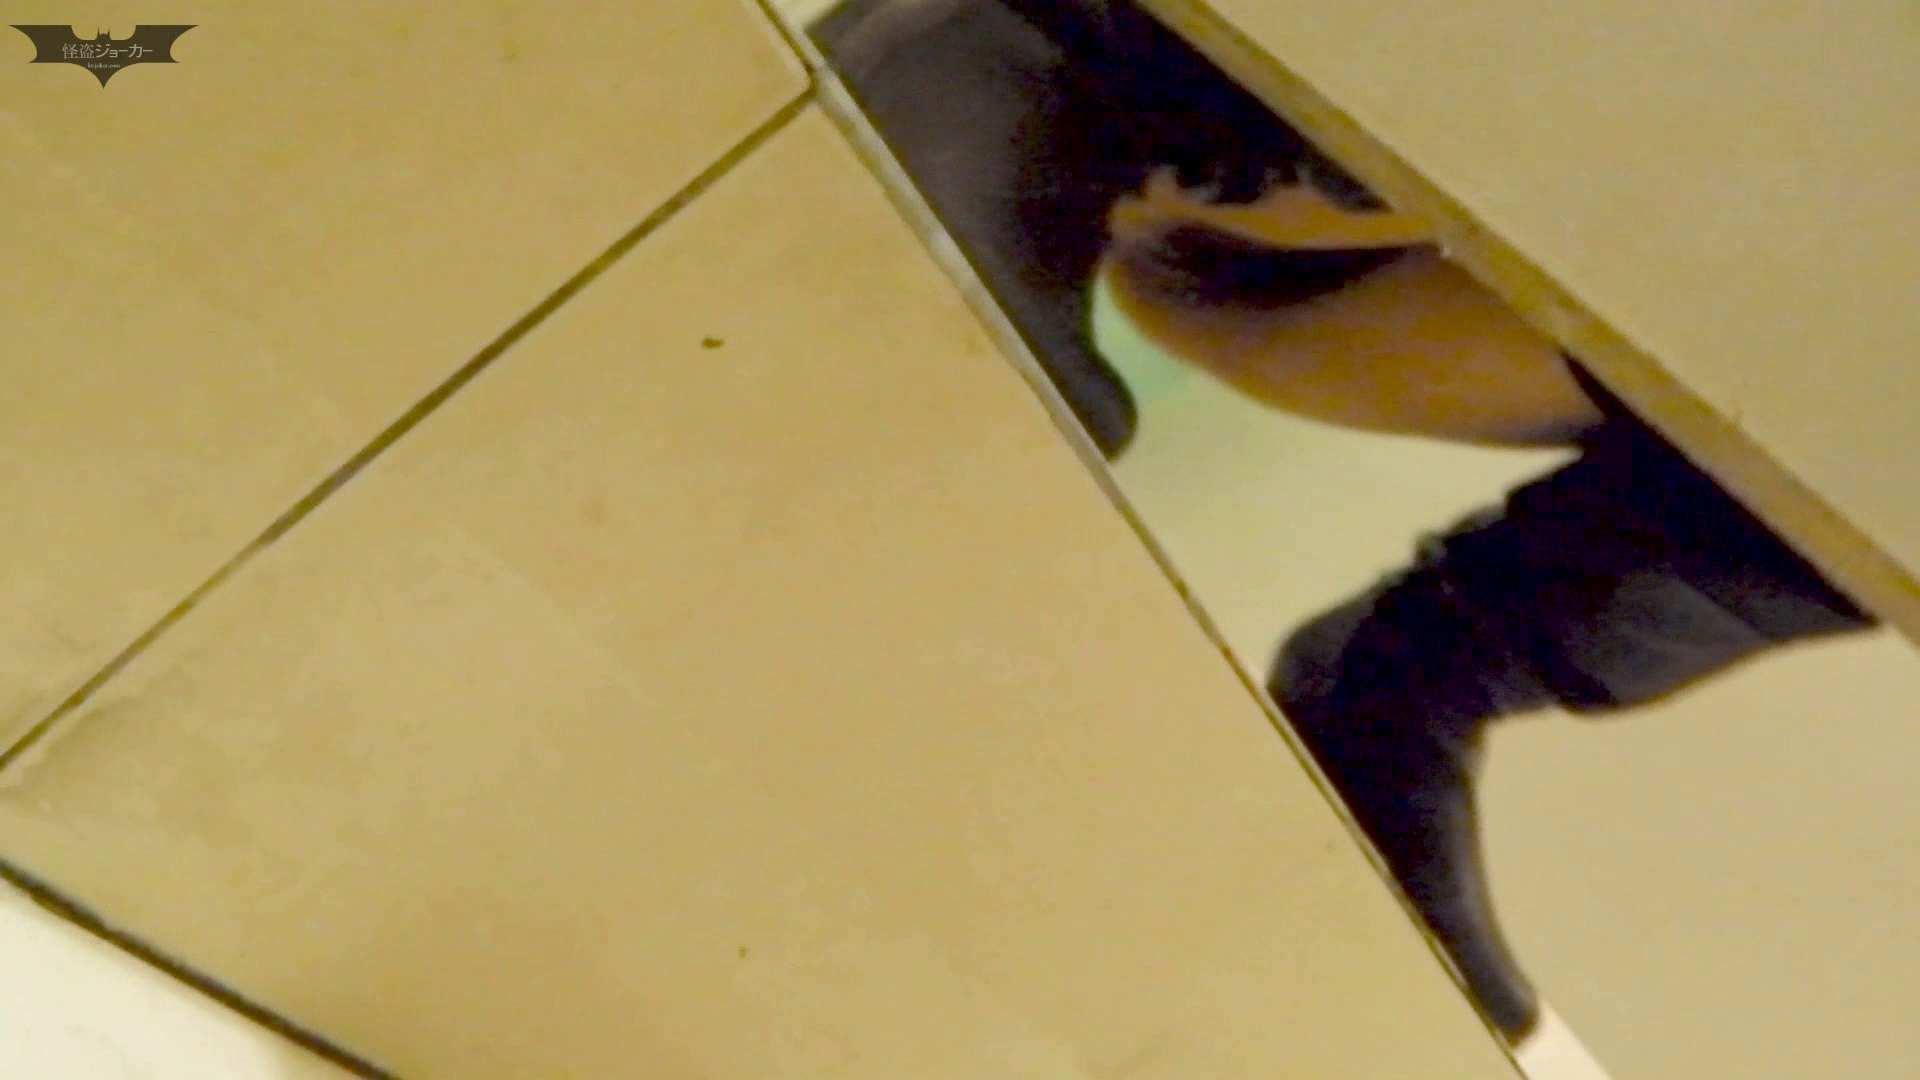 無修正エロ動画|新世界の射窓 No67 可愛い子二名!!|怪盗ジョーカー